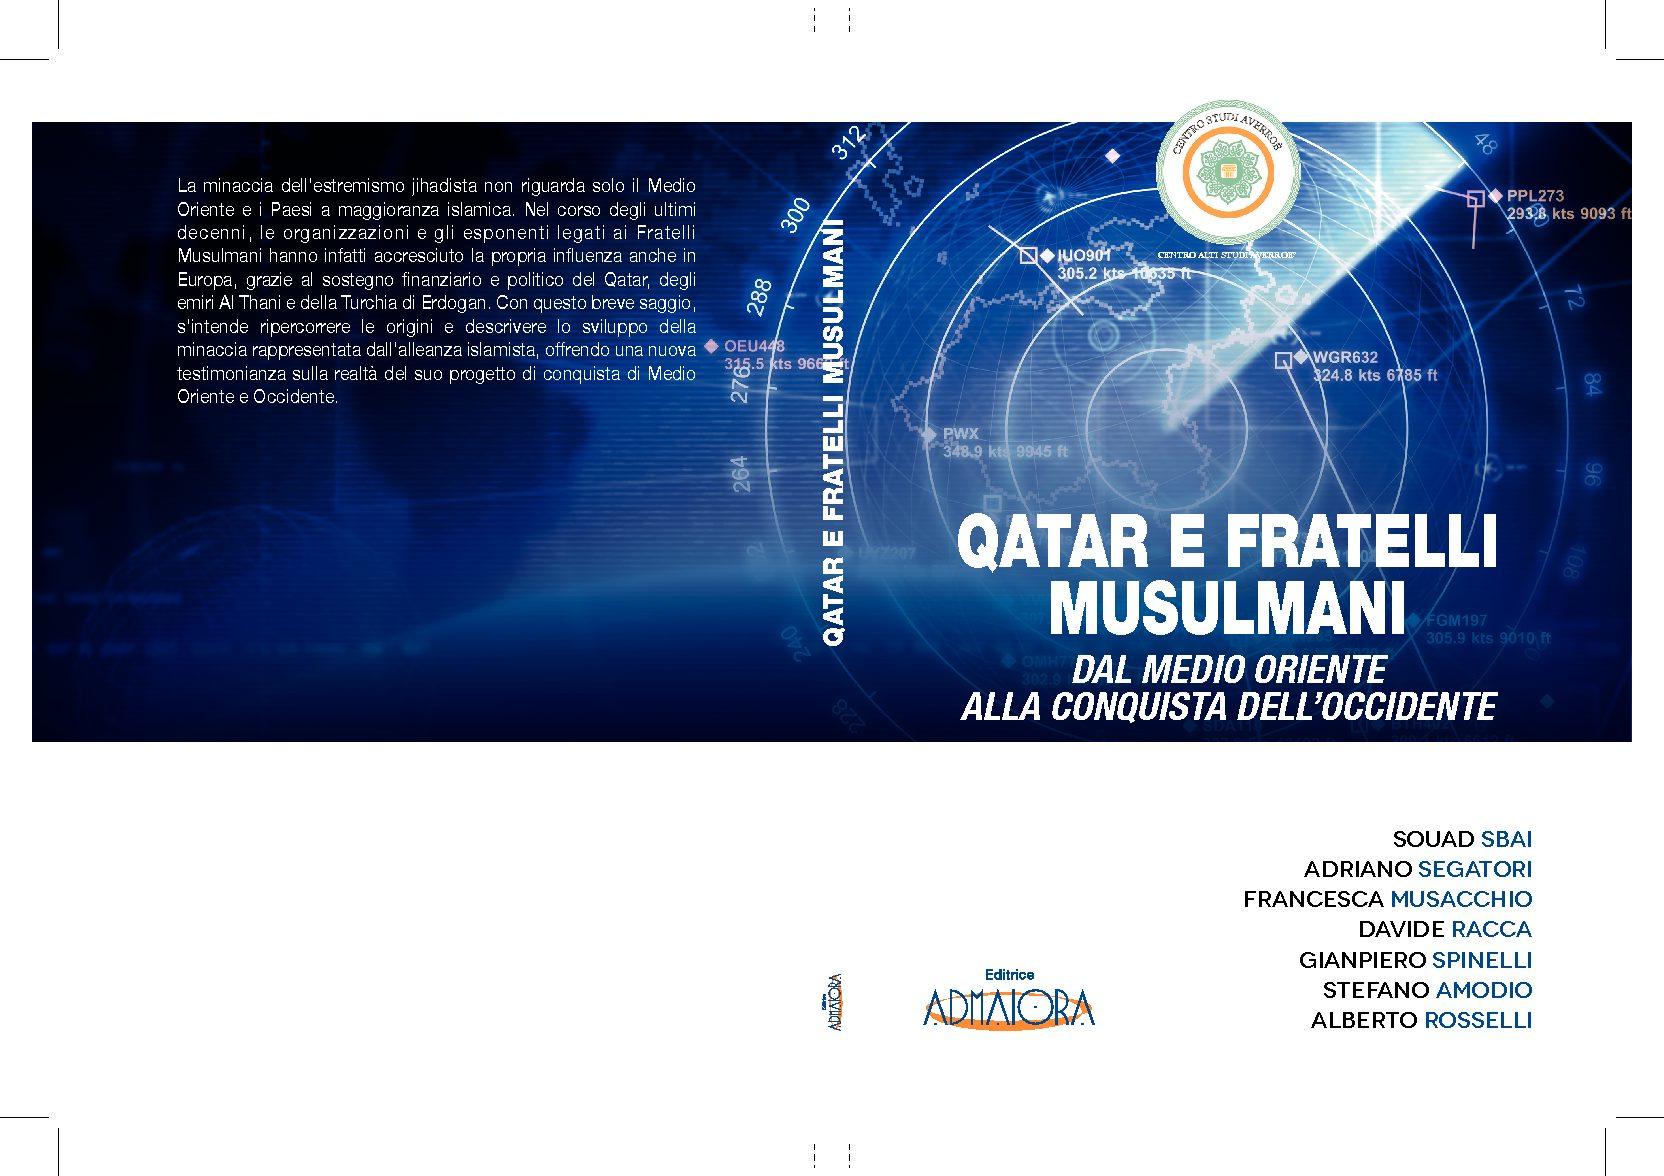 Centro Alti Studi Averroé, esce il nuovo libro su Qatar e Fratelli Musulmani